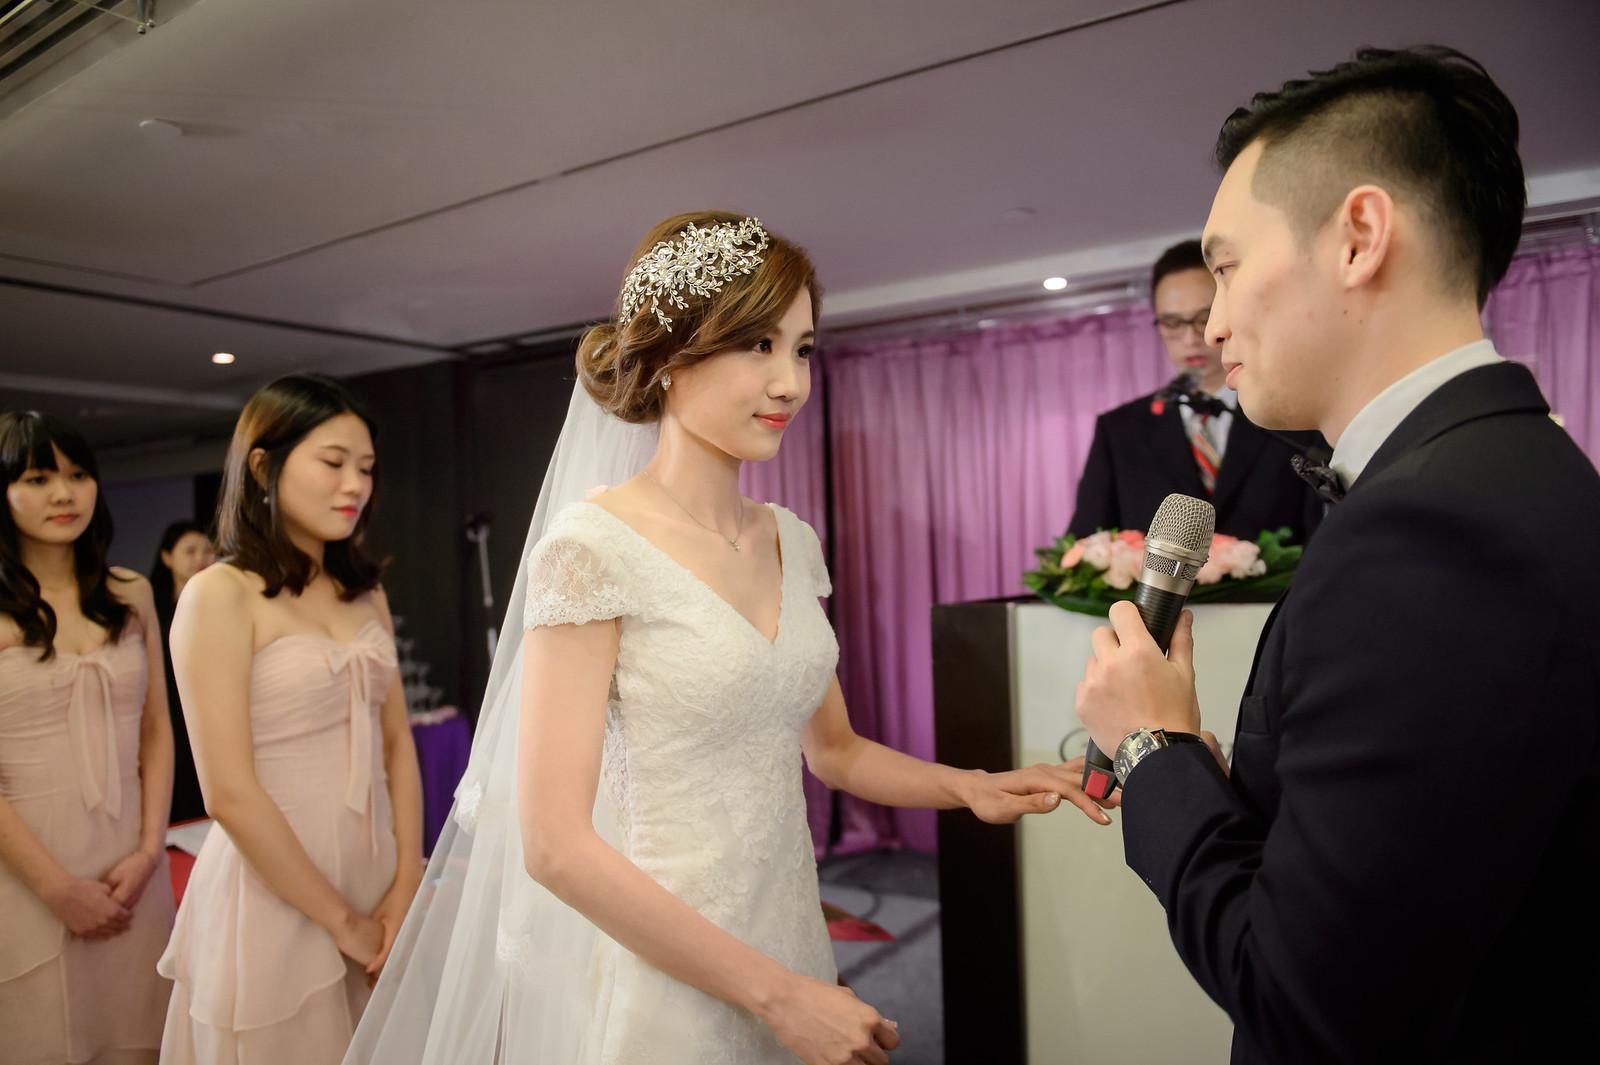 台北婚攝, 婚禮攝影, 婚攝, 婚攝守恆, 婚攝推薦, 晶華酒店, 晶華酒店婚宴, 晶華酒店婚攝-44